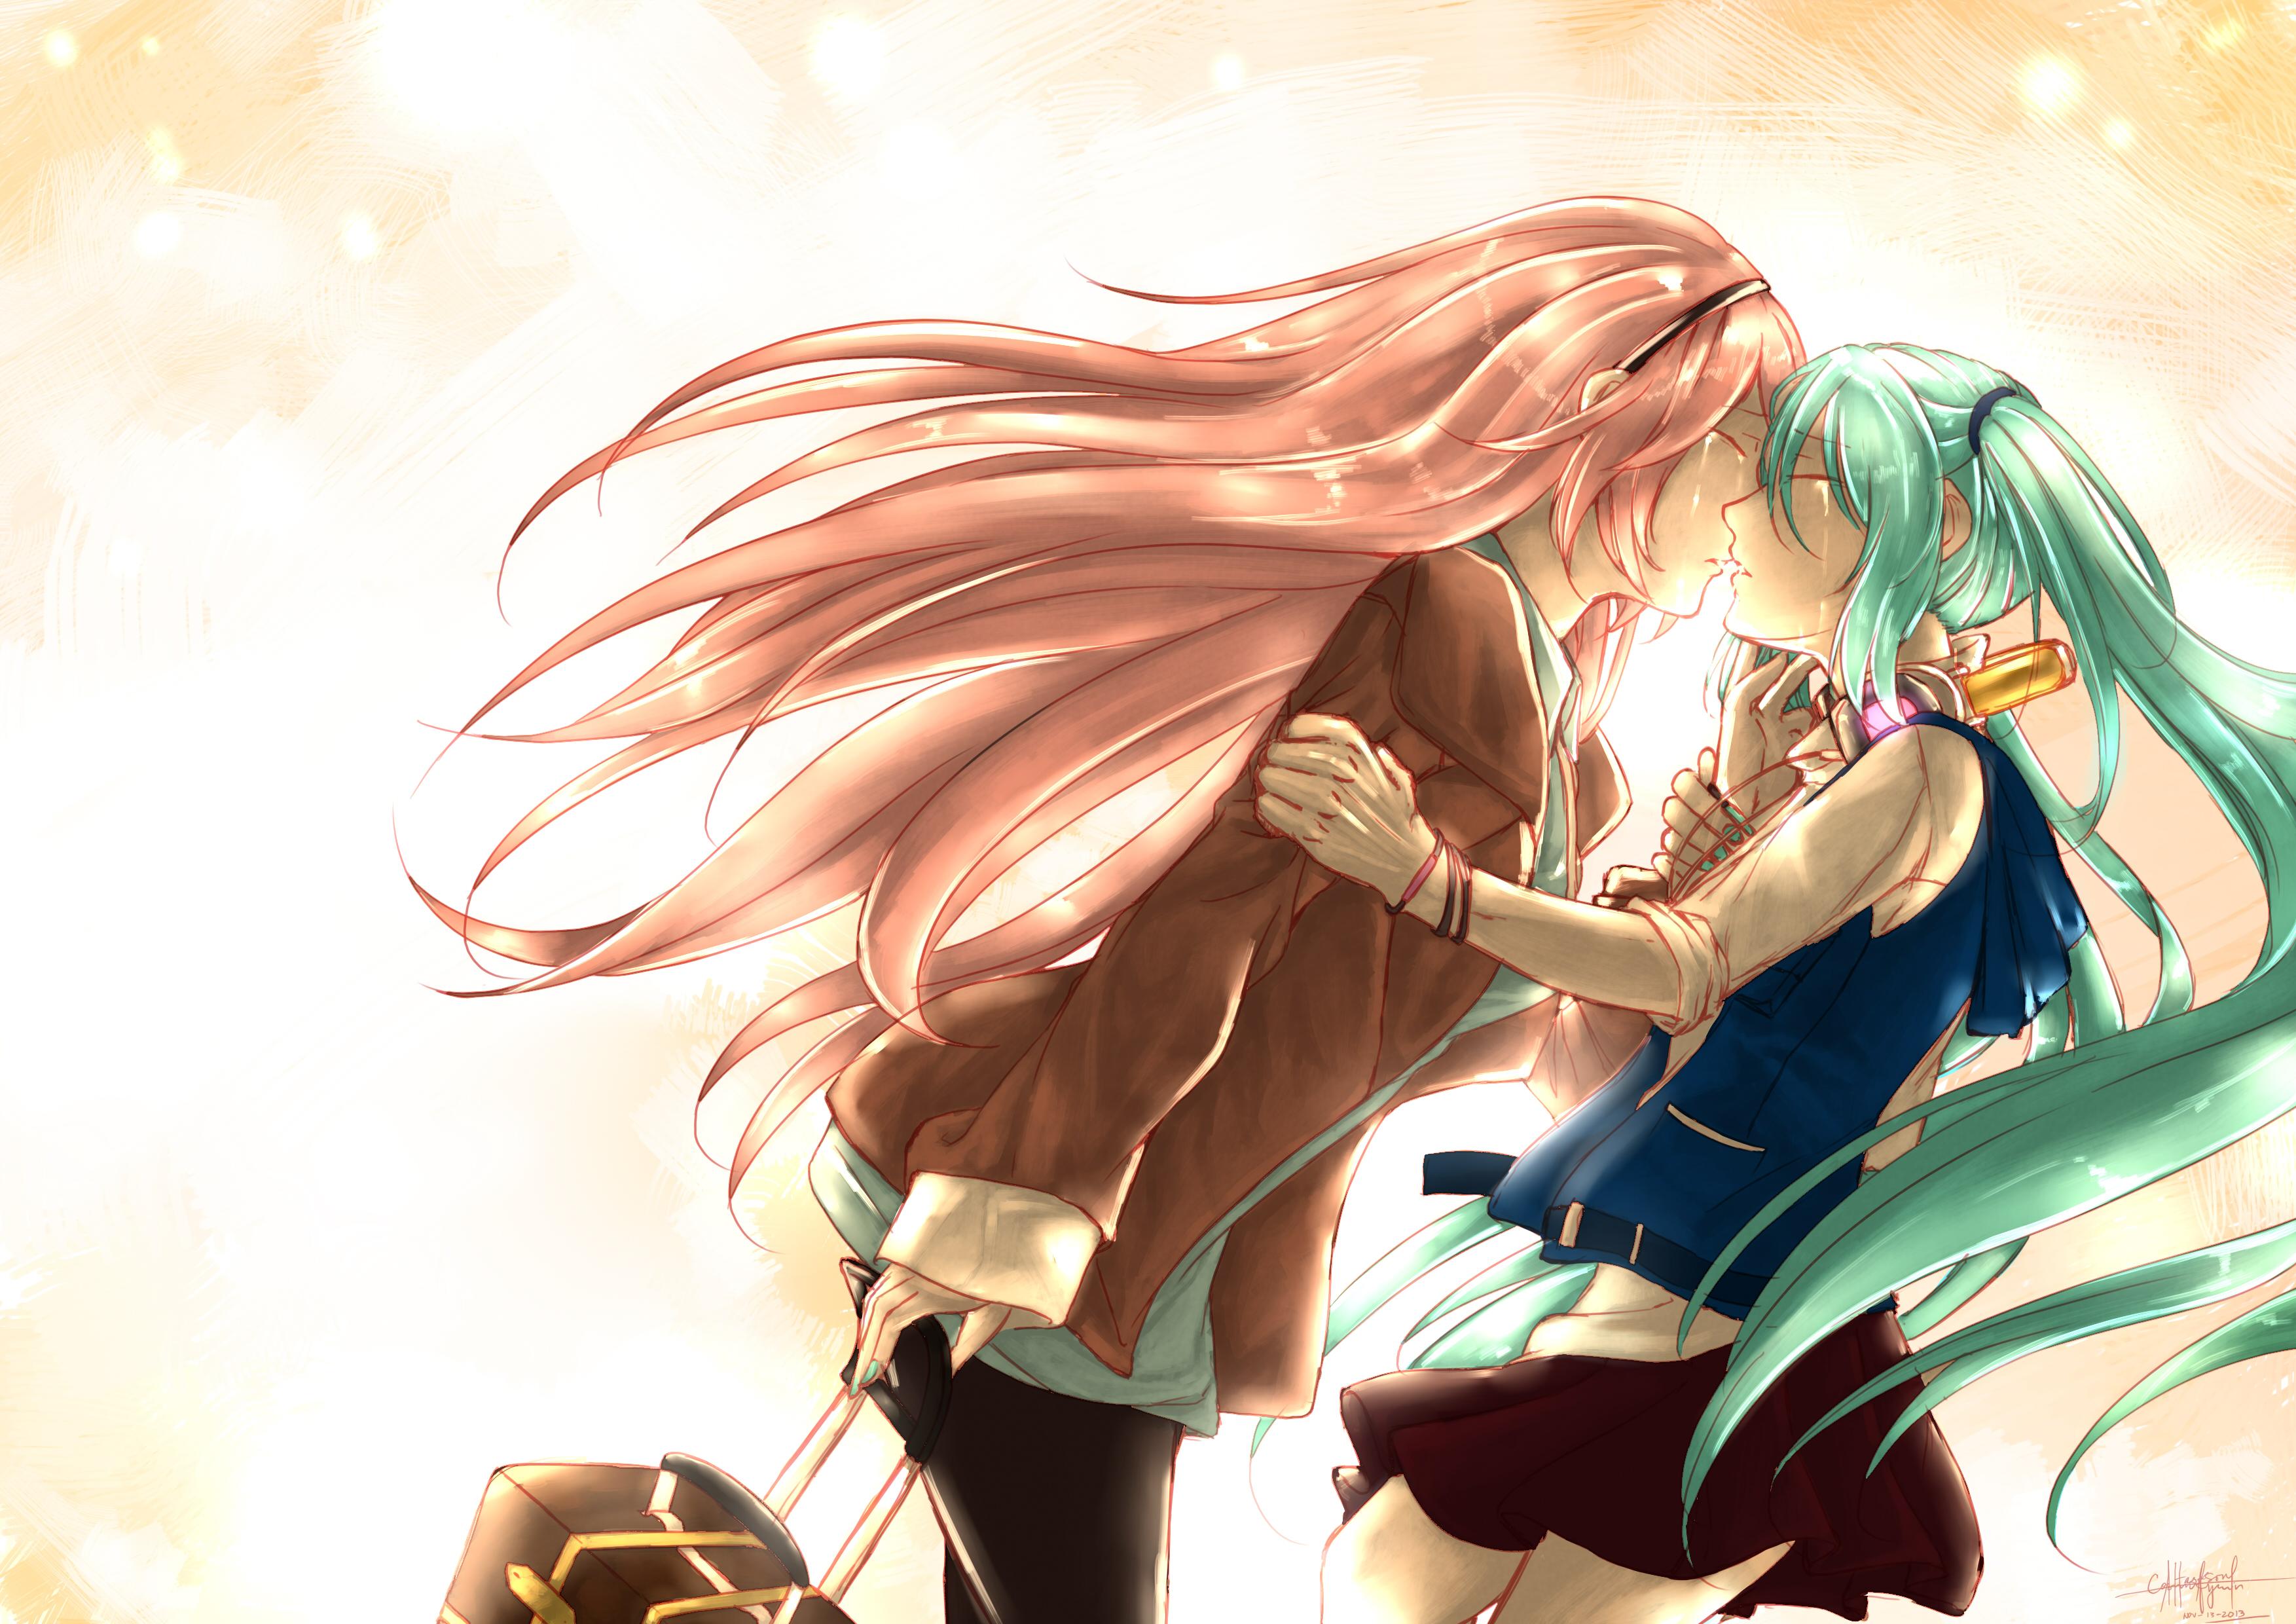 vocaloid hatsune miku hug kiss megurine luka vocaloid yuri